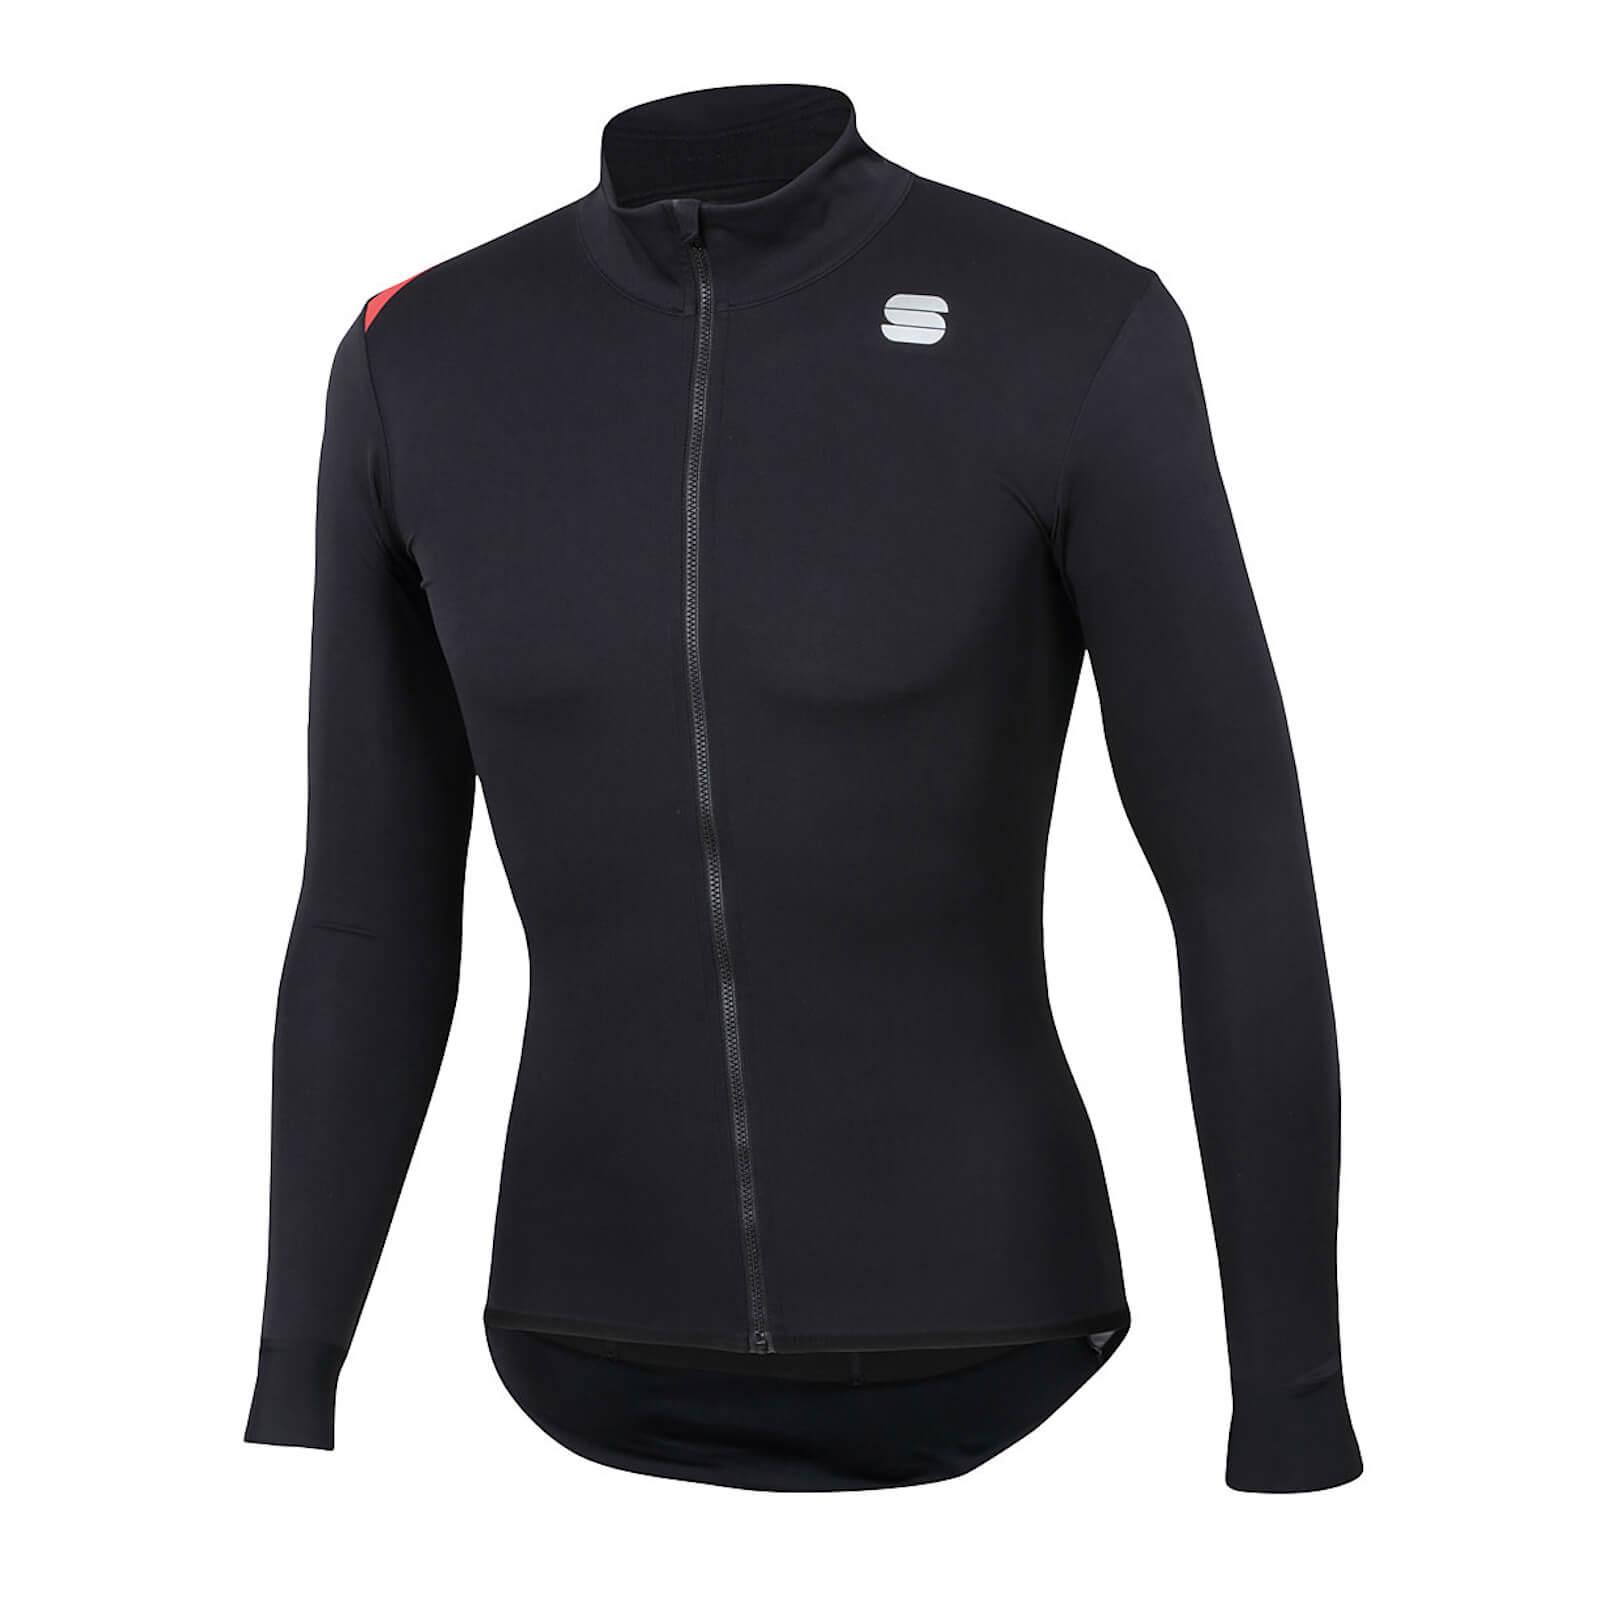 Sportful Women's Fiandre Light NoRain Jacket - Black - L